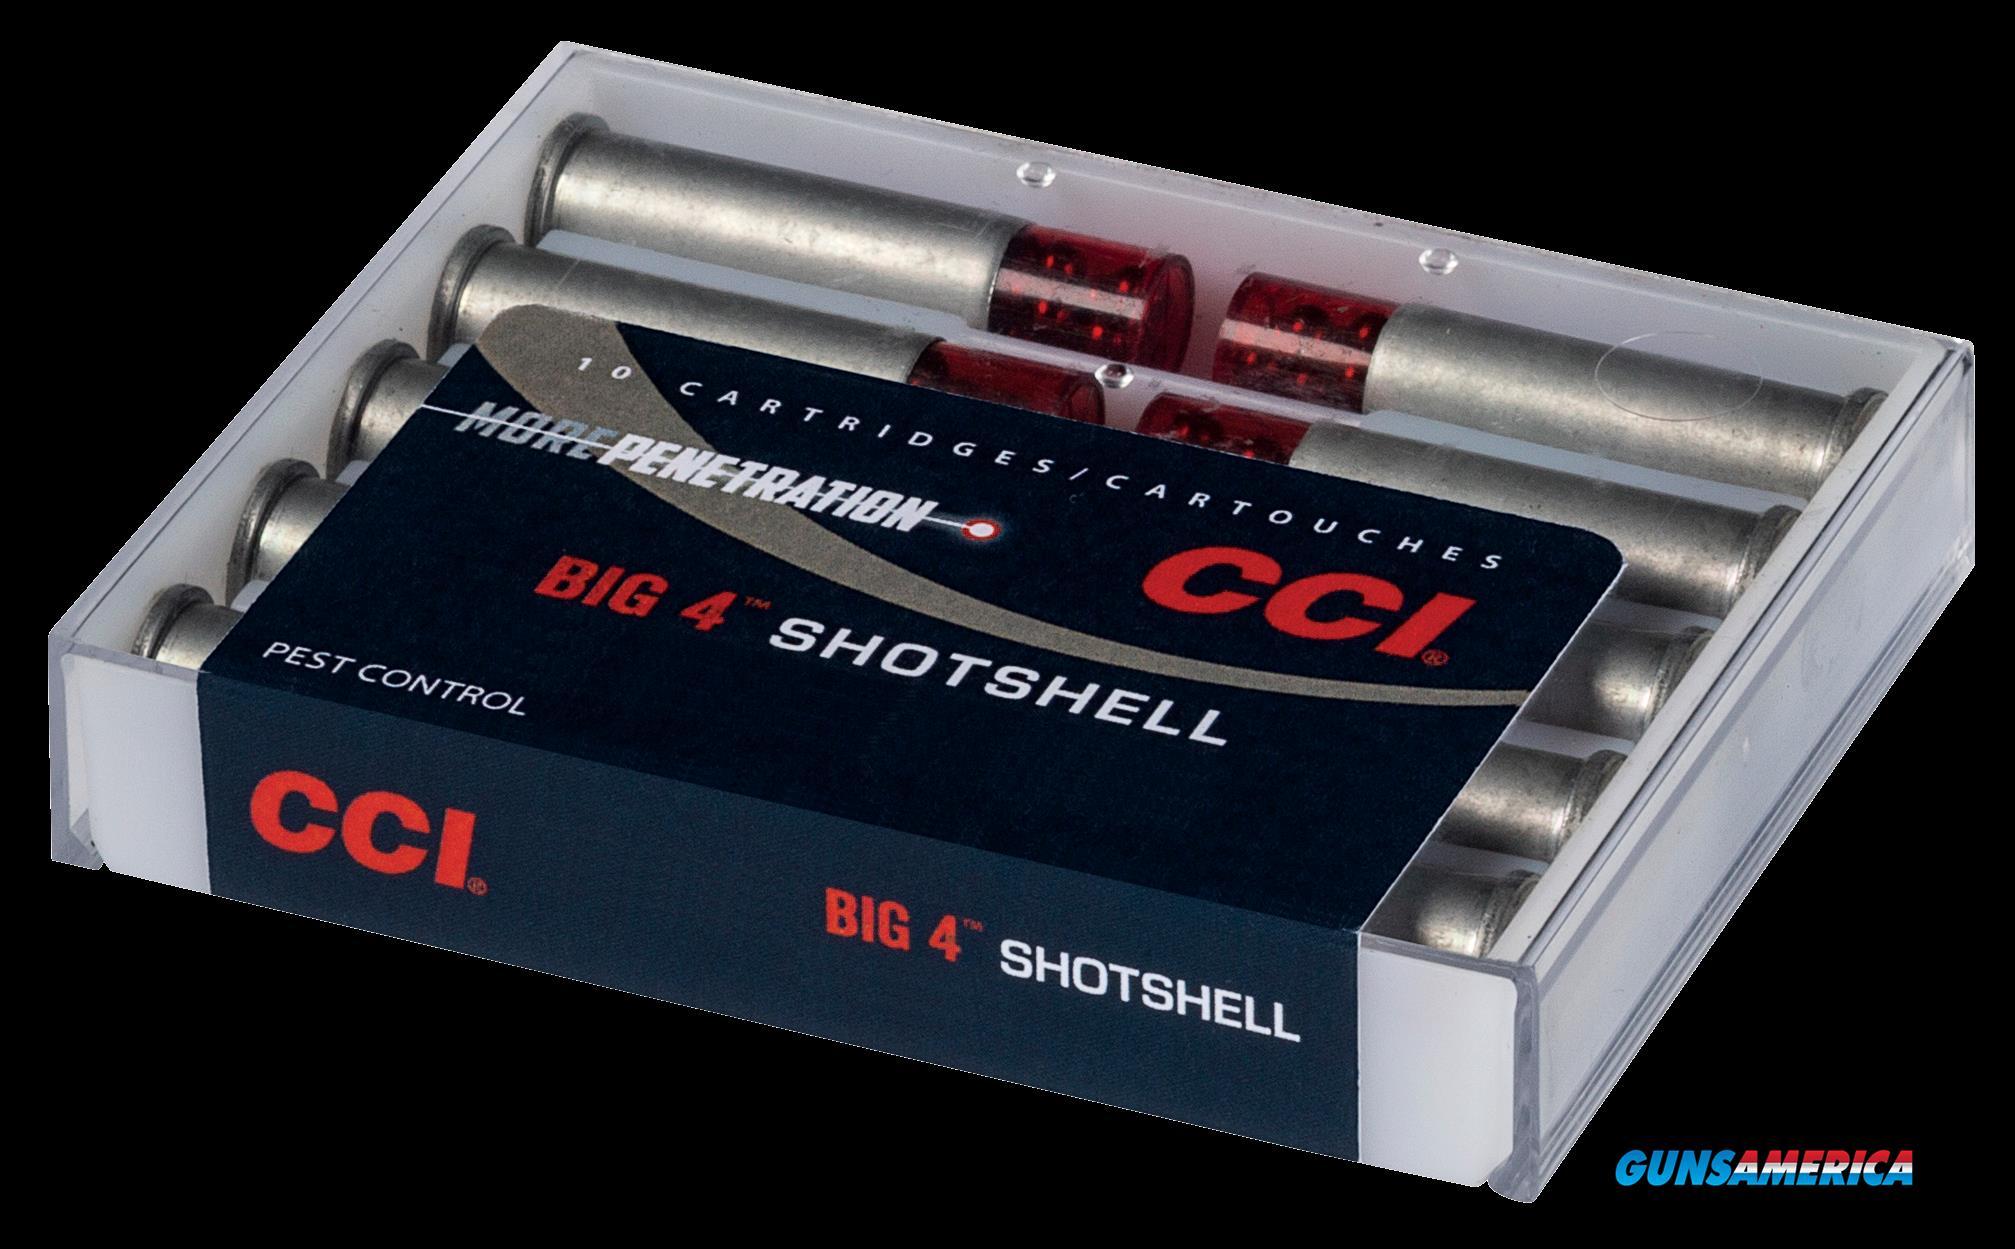 Cci Big 4, Cci 3718cc 44spl Shotshell #4               10-20  Guns > Pistols > 1911 Pistol Copies (non-Colt)